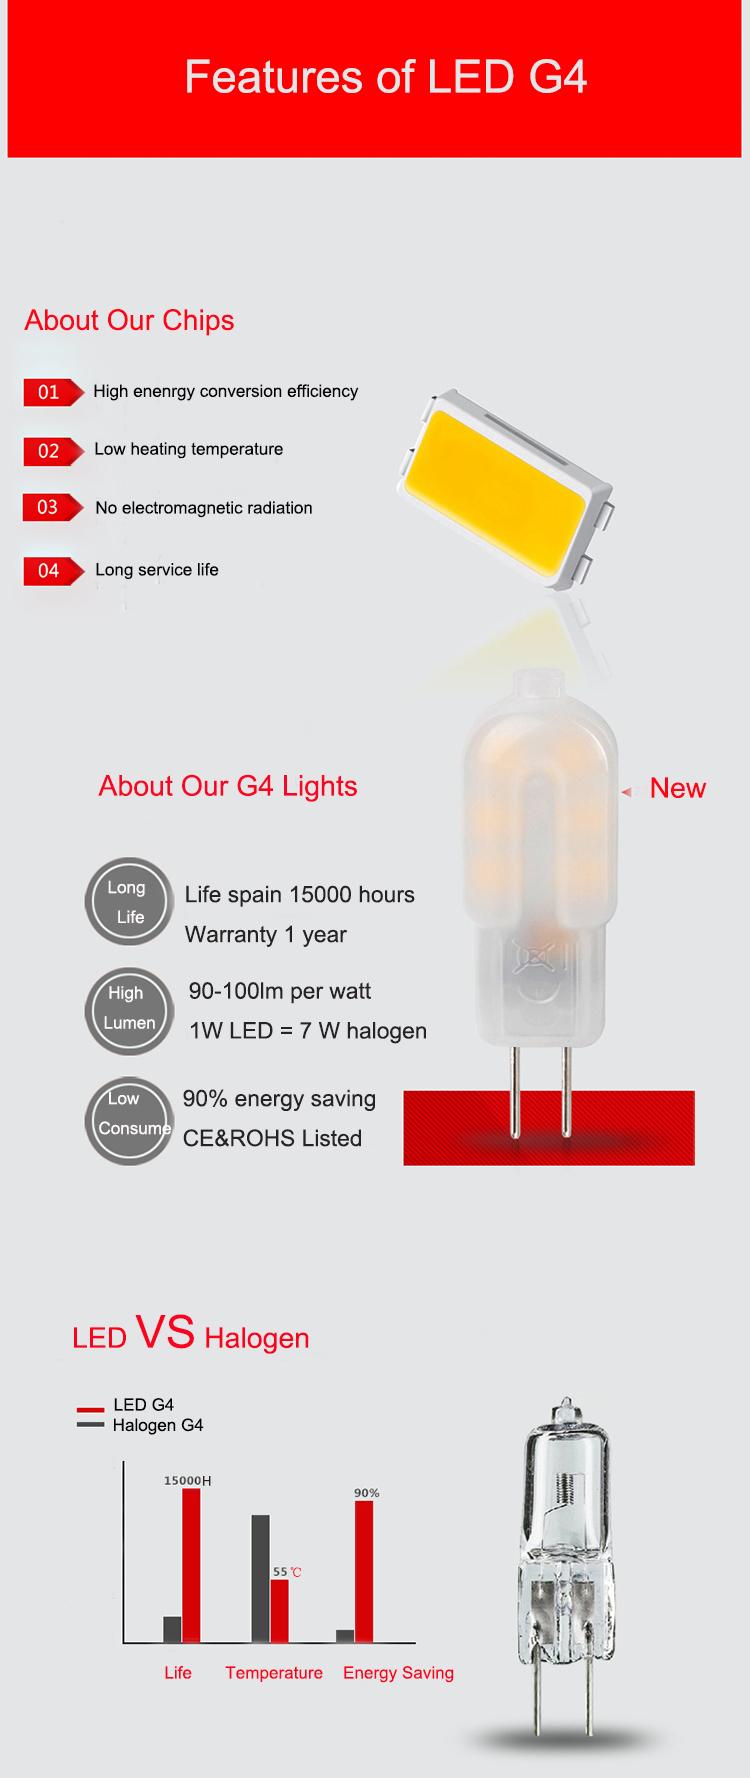 Alta Lumen 12V DC 120v 230v AC 1.5w 2W 2.5W 2835 di Plastica di Vetro LED g4 Sostituzione Della Lampadina 10w Alogena, LED-JC